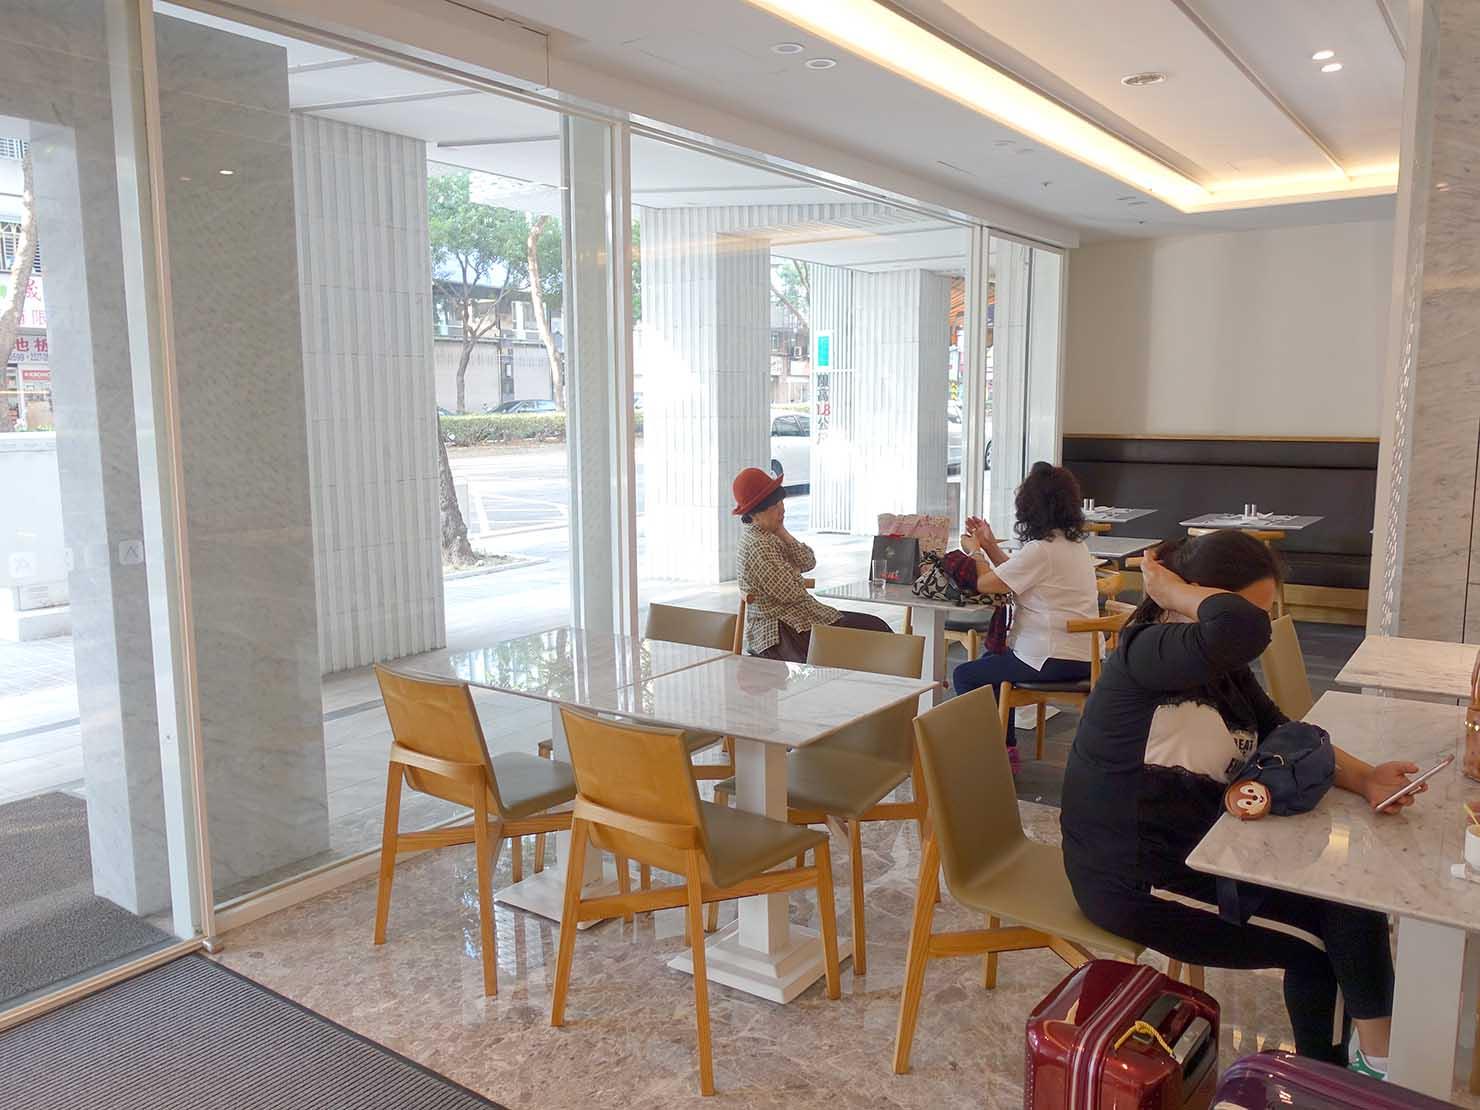 台中のおすすめホテル「卡爾登飯店 The Carlton」のカフェスペース